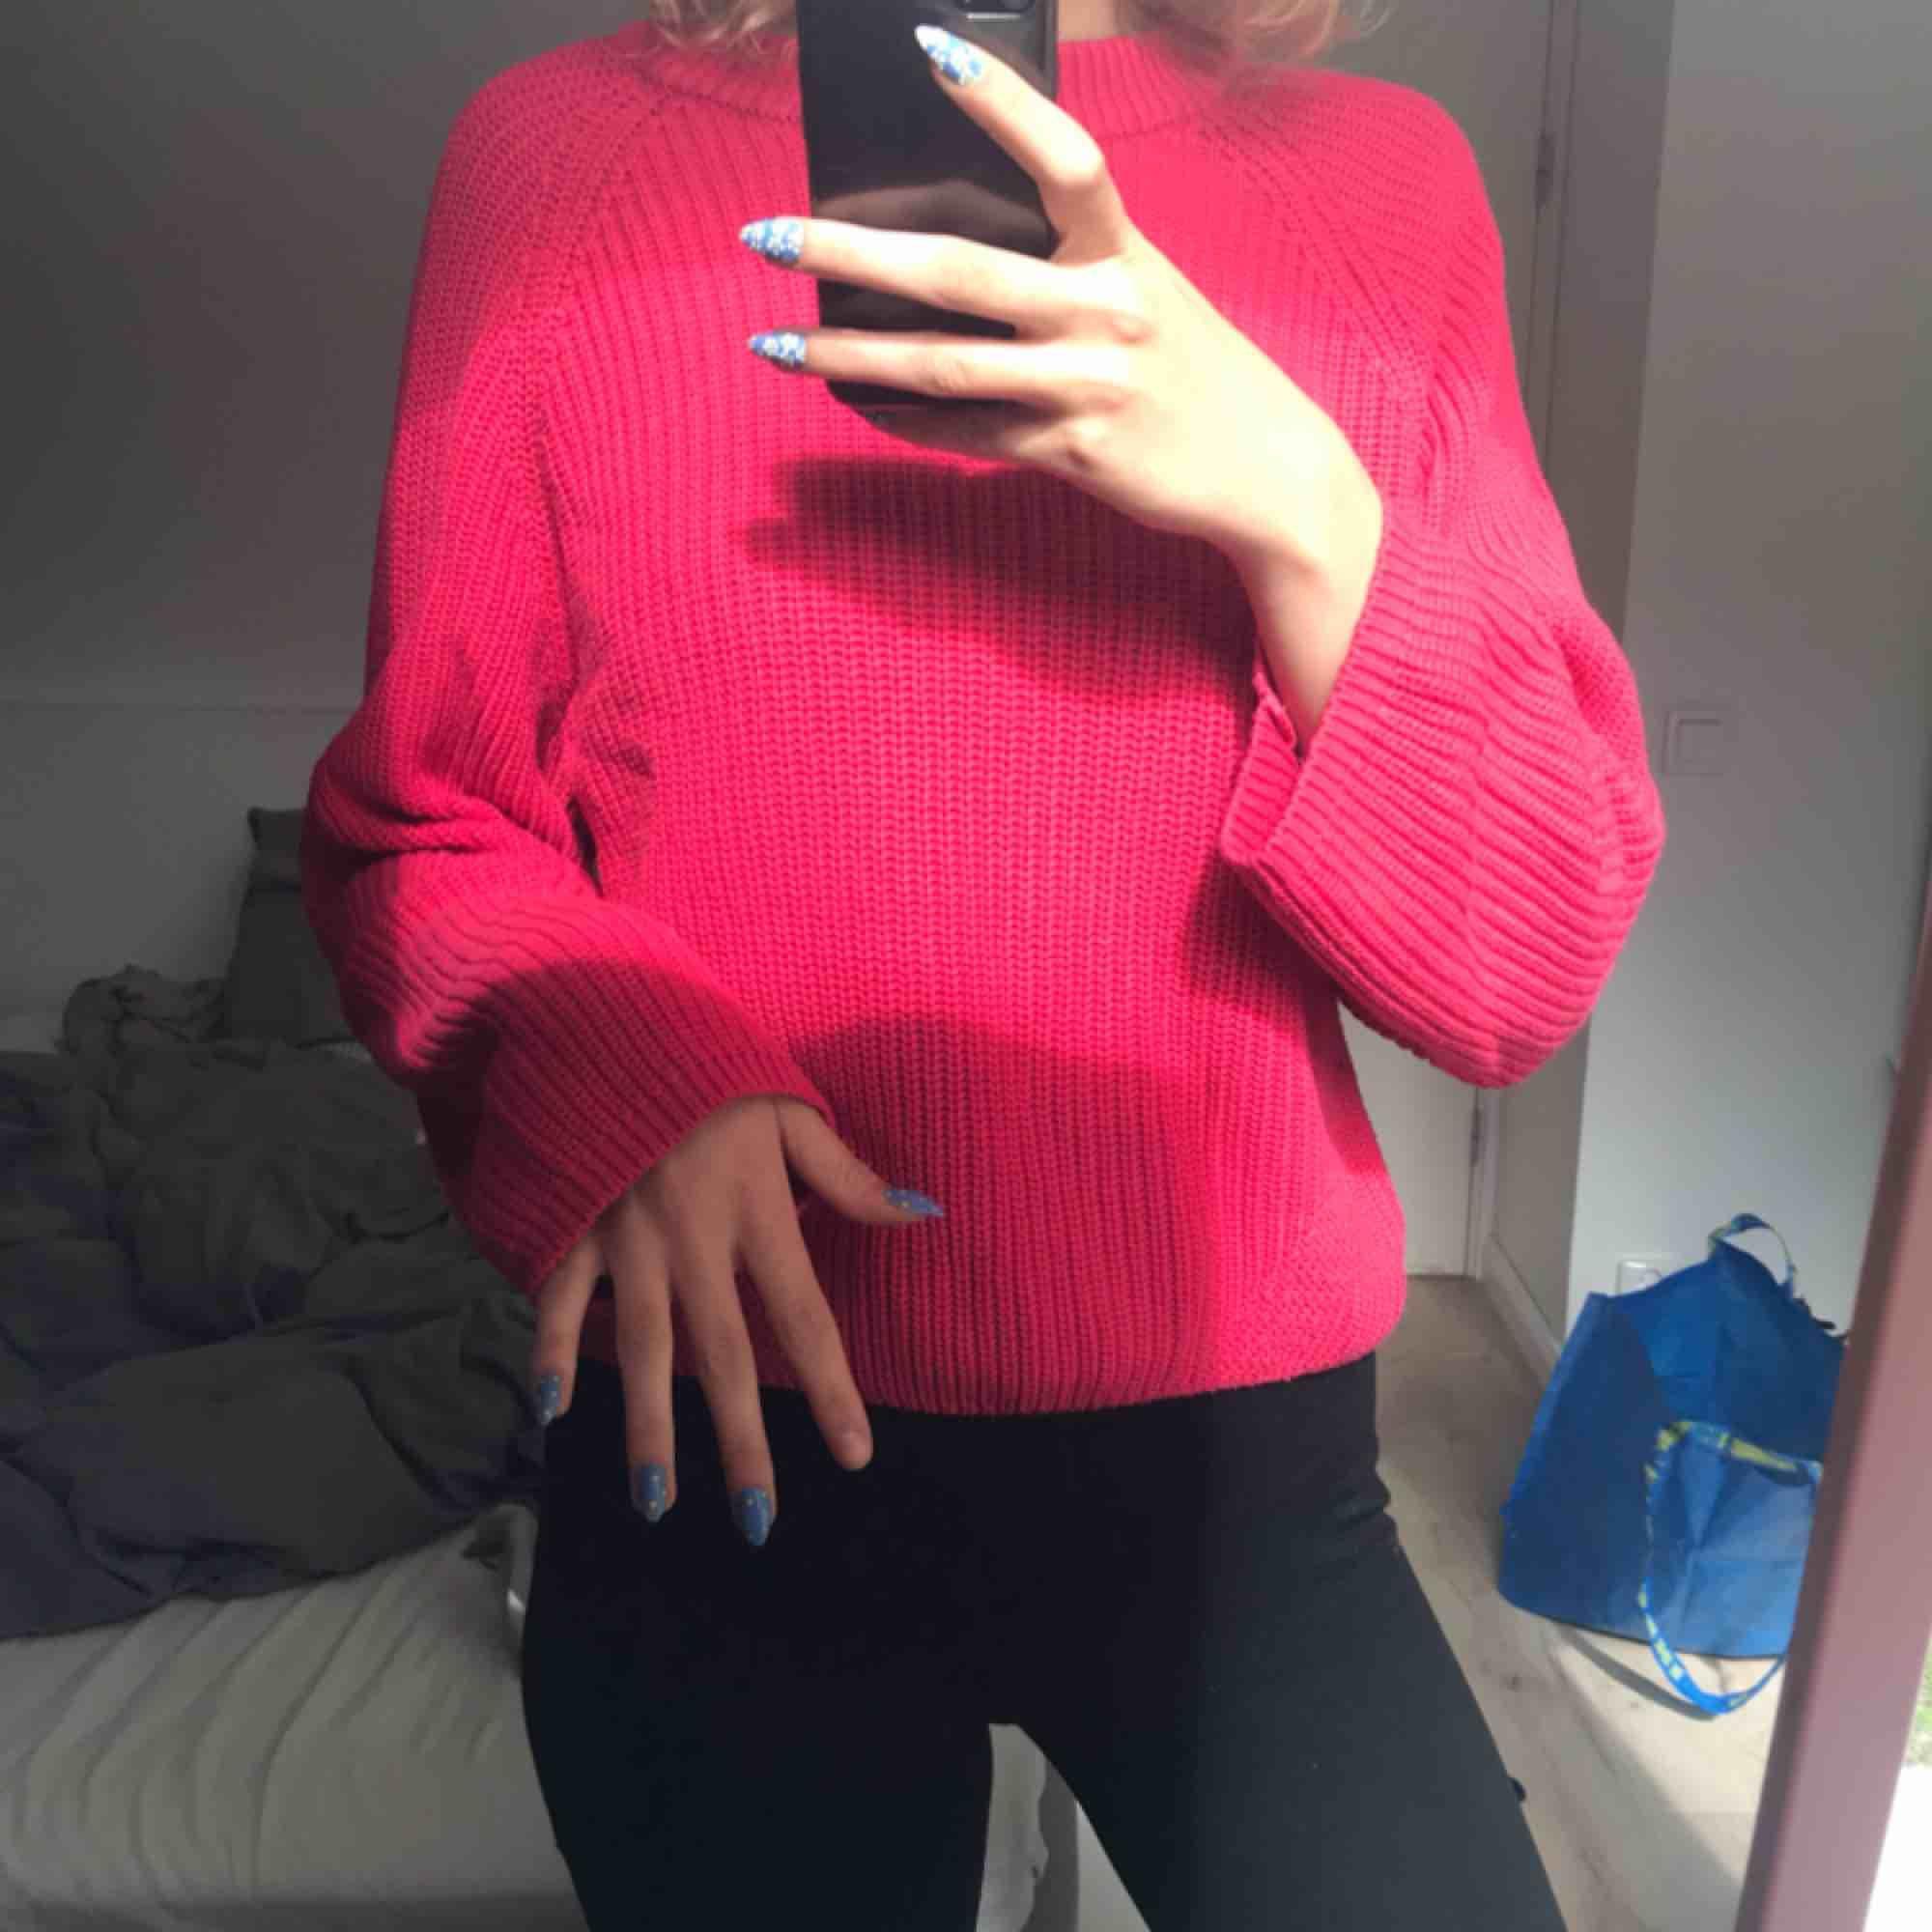 Bäldigt mysig stickad tröja i rosa/röd nyans!!! Säljer för 90kr (extra 20kr i frakt). Passar XS/S-L skulle jag säga beroende på hur man vill att den ska sitta.. Stickat.